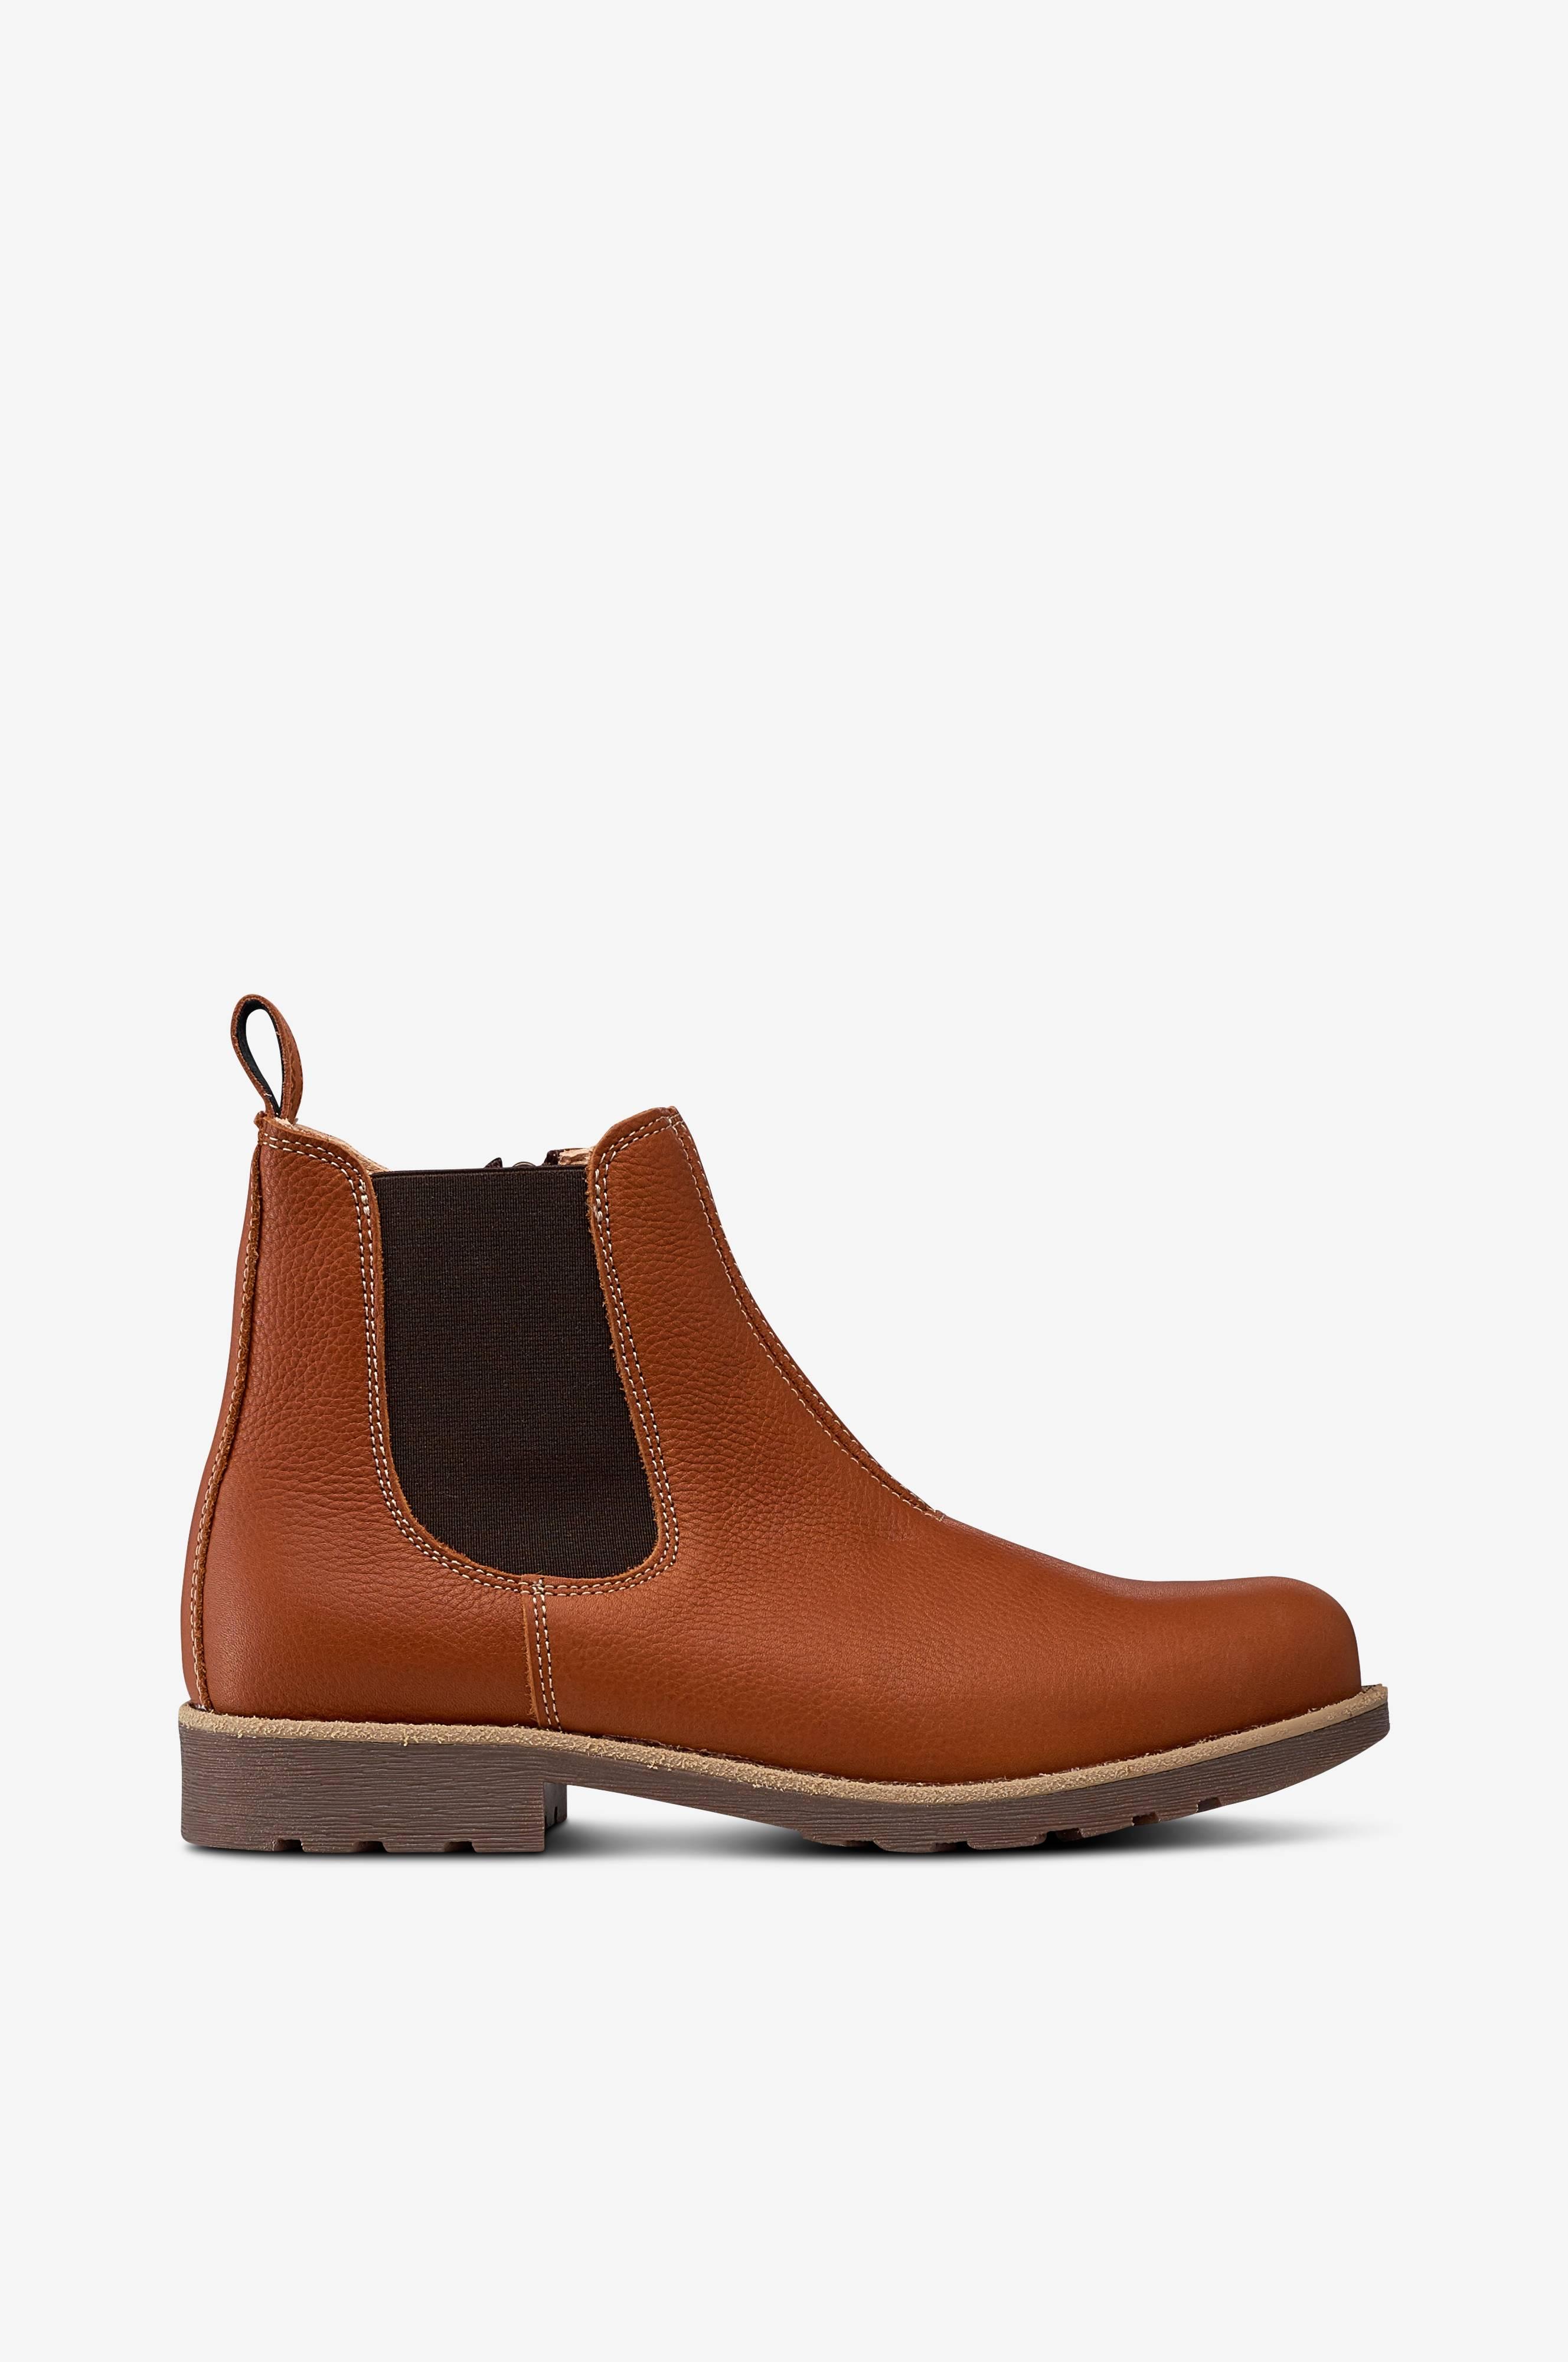 Billige Kavat Læder Støvler Dame I Mørkebrun